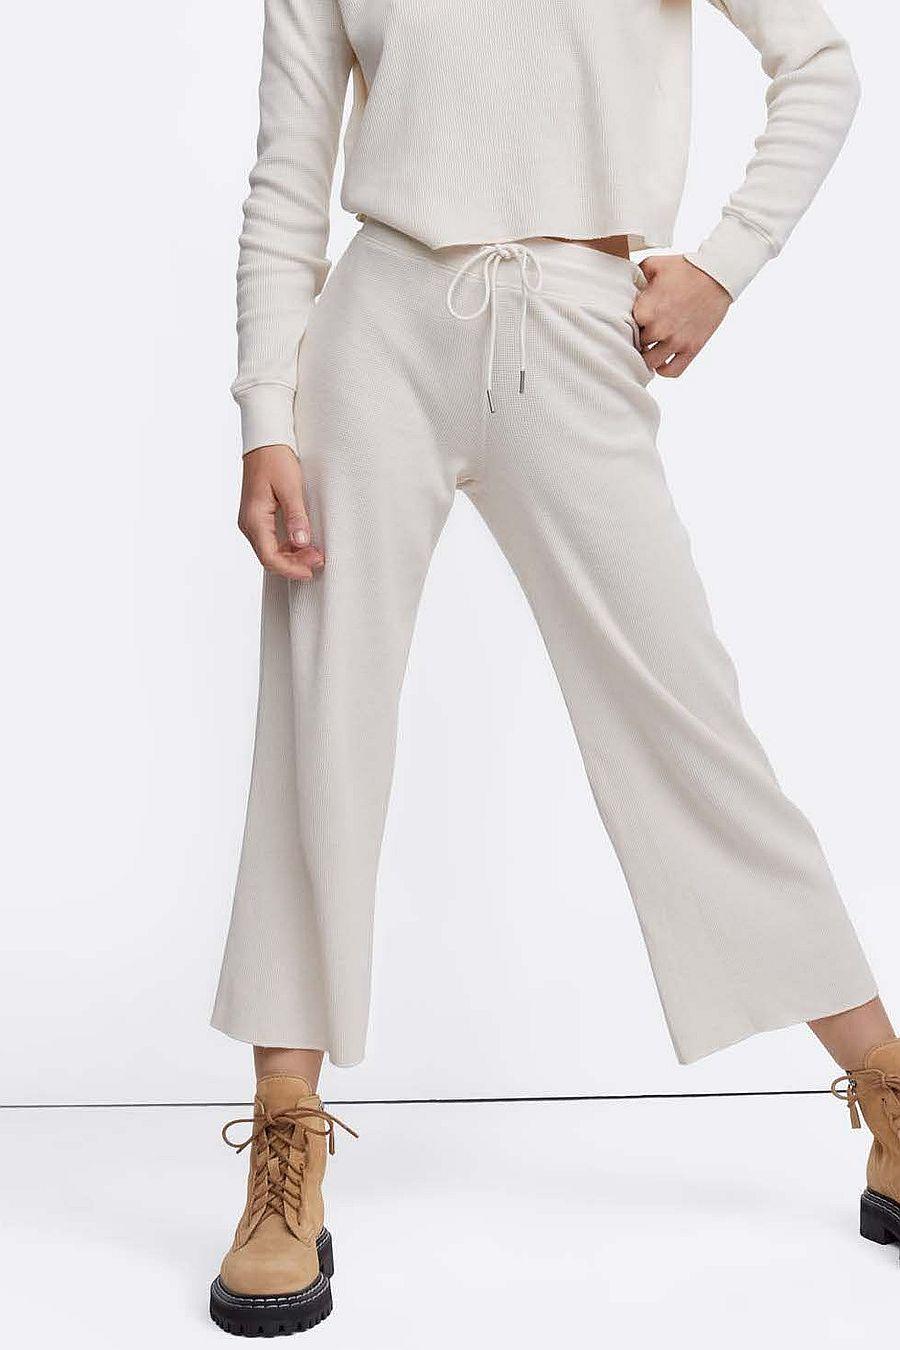 MATE The Label Organic Thermal Wide Leg Pant - BONE